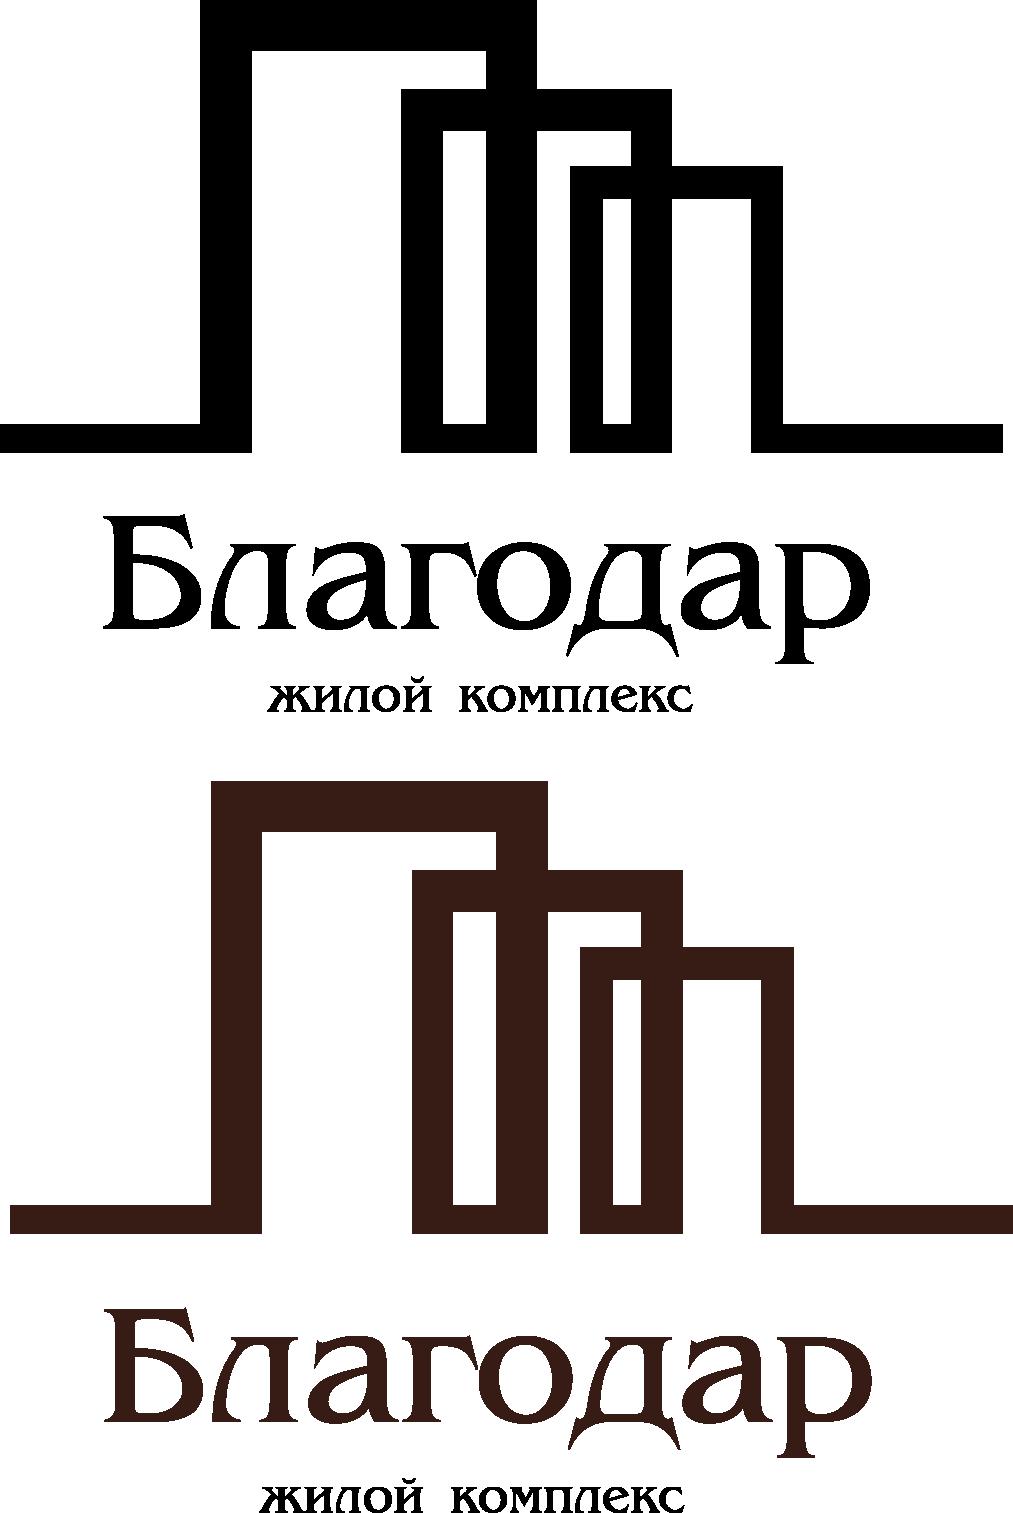 Разработка логотипа и фирменный стиль фото f_200596e3fe493dd4.png